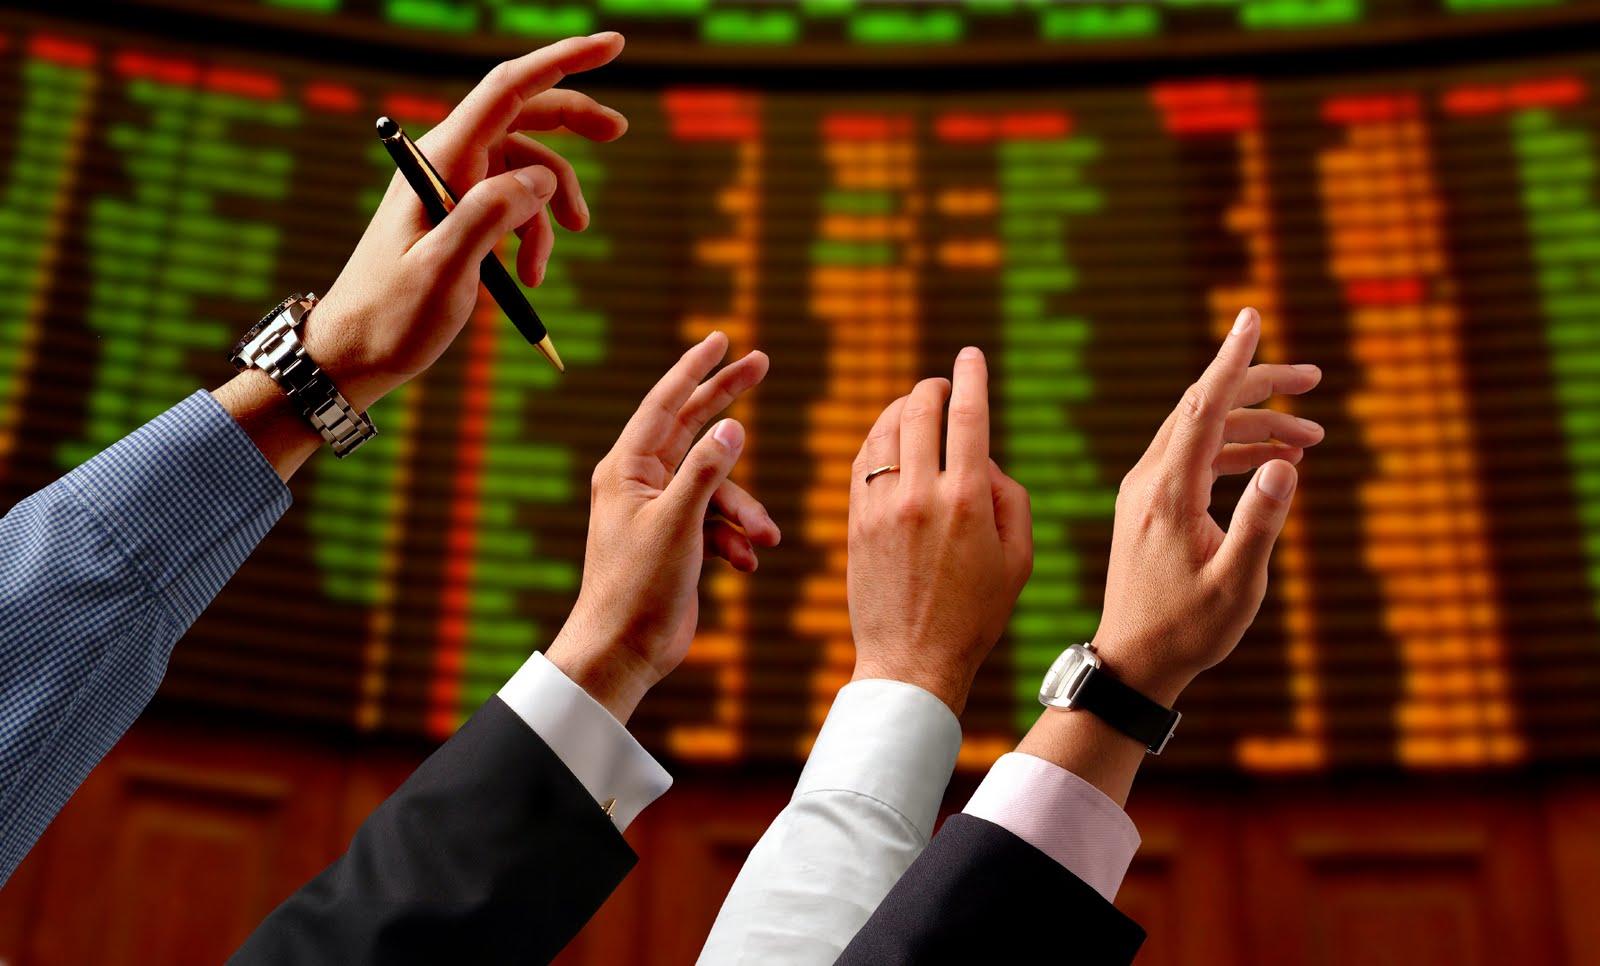 mercato-azionario-finanza-affari-acquisti